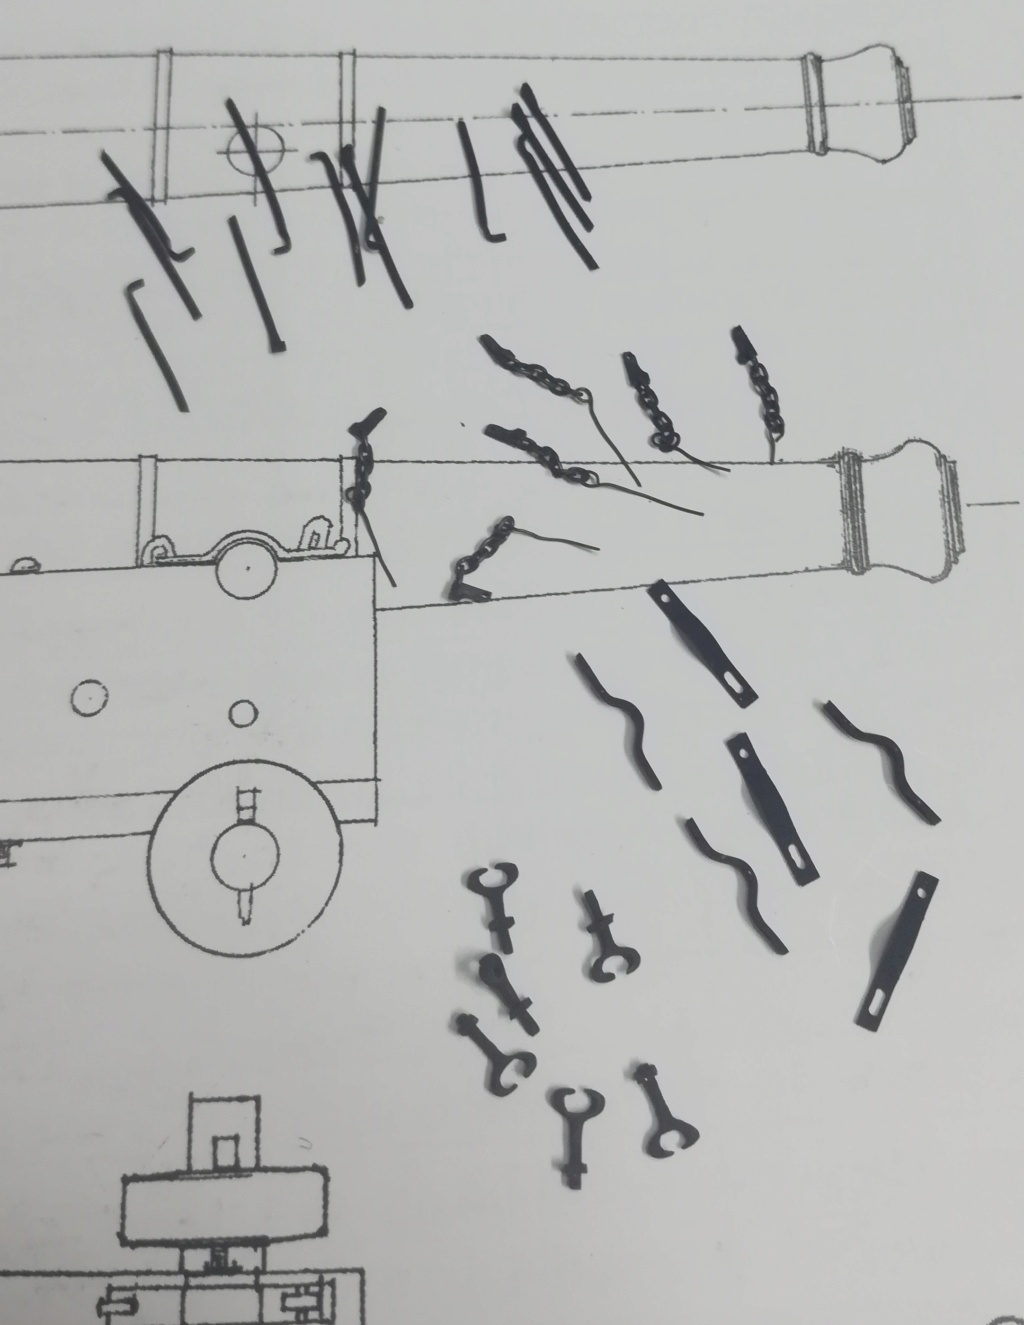 piani - La Belle 1684 scala 1/24  piani ANCRE cantiere di grisuzone  - Pagina 9 Rimg_116